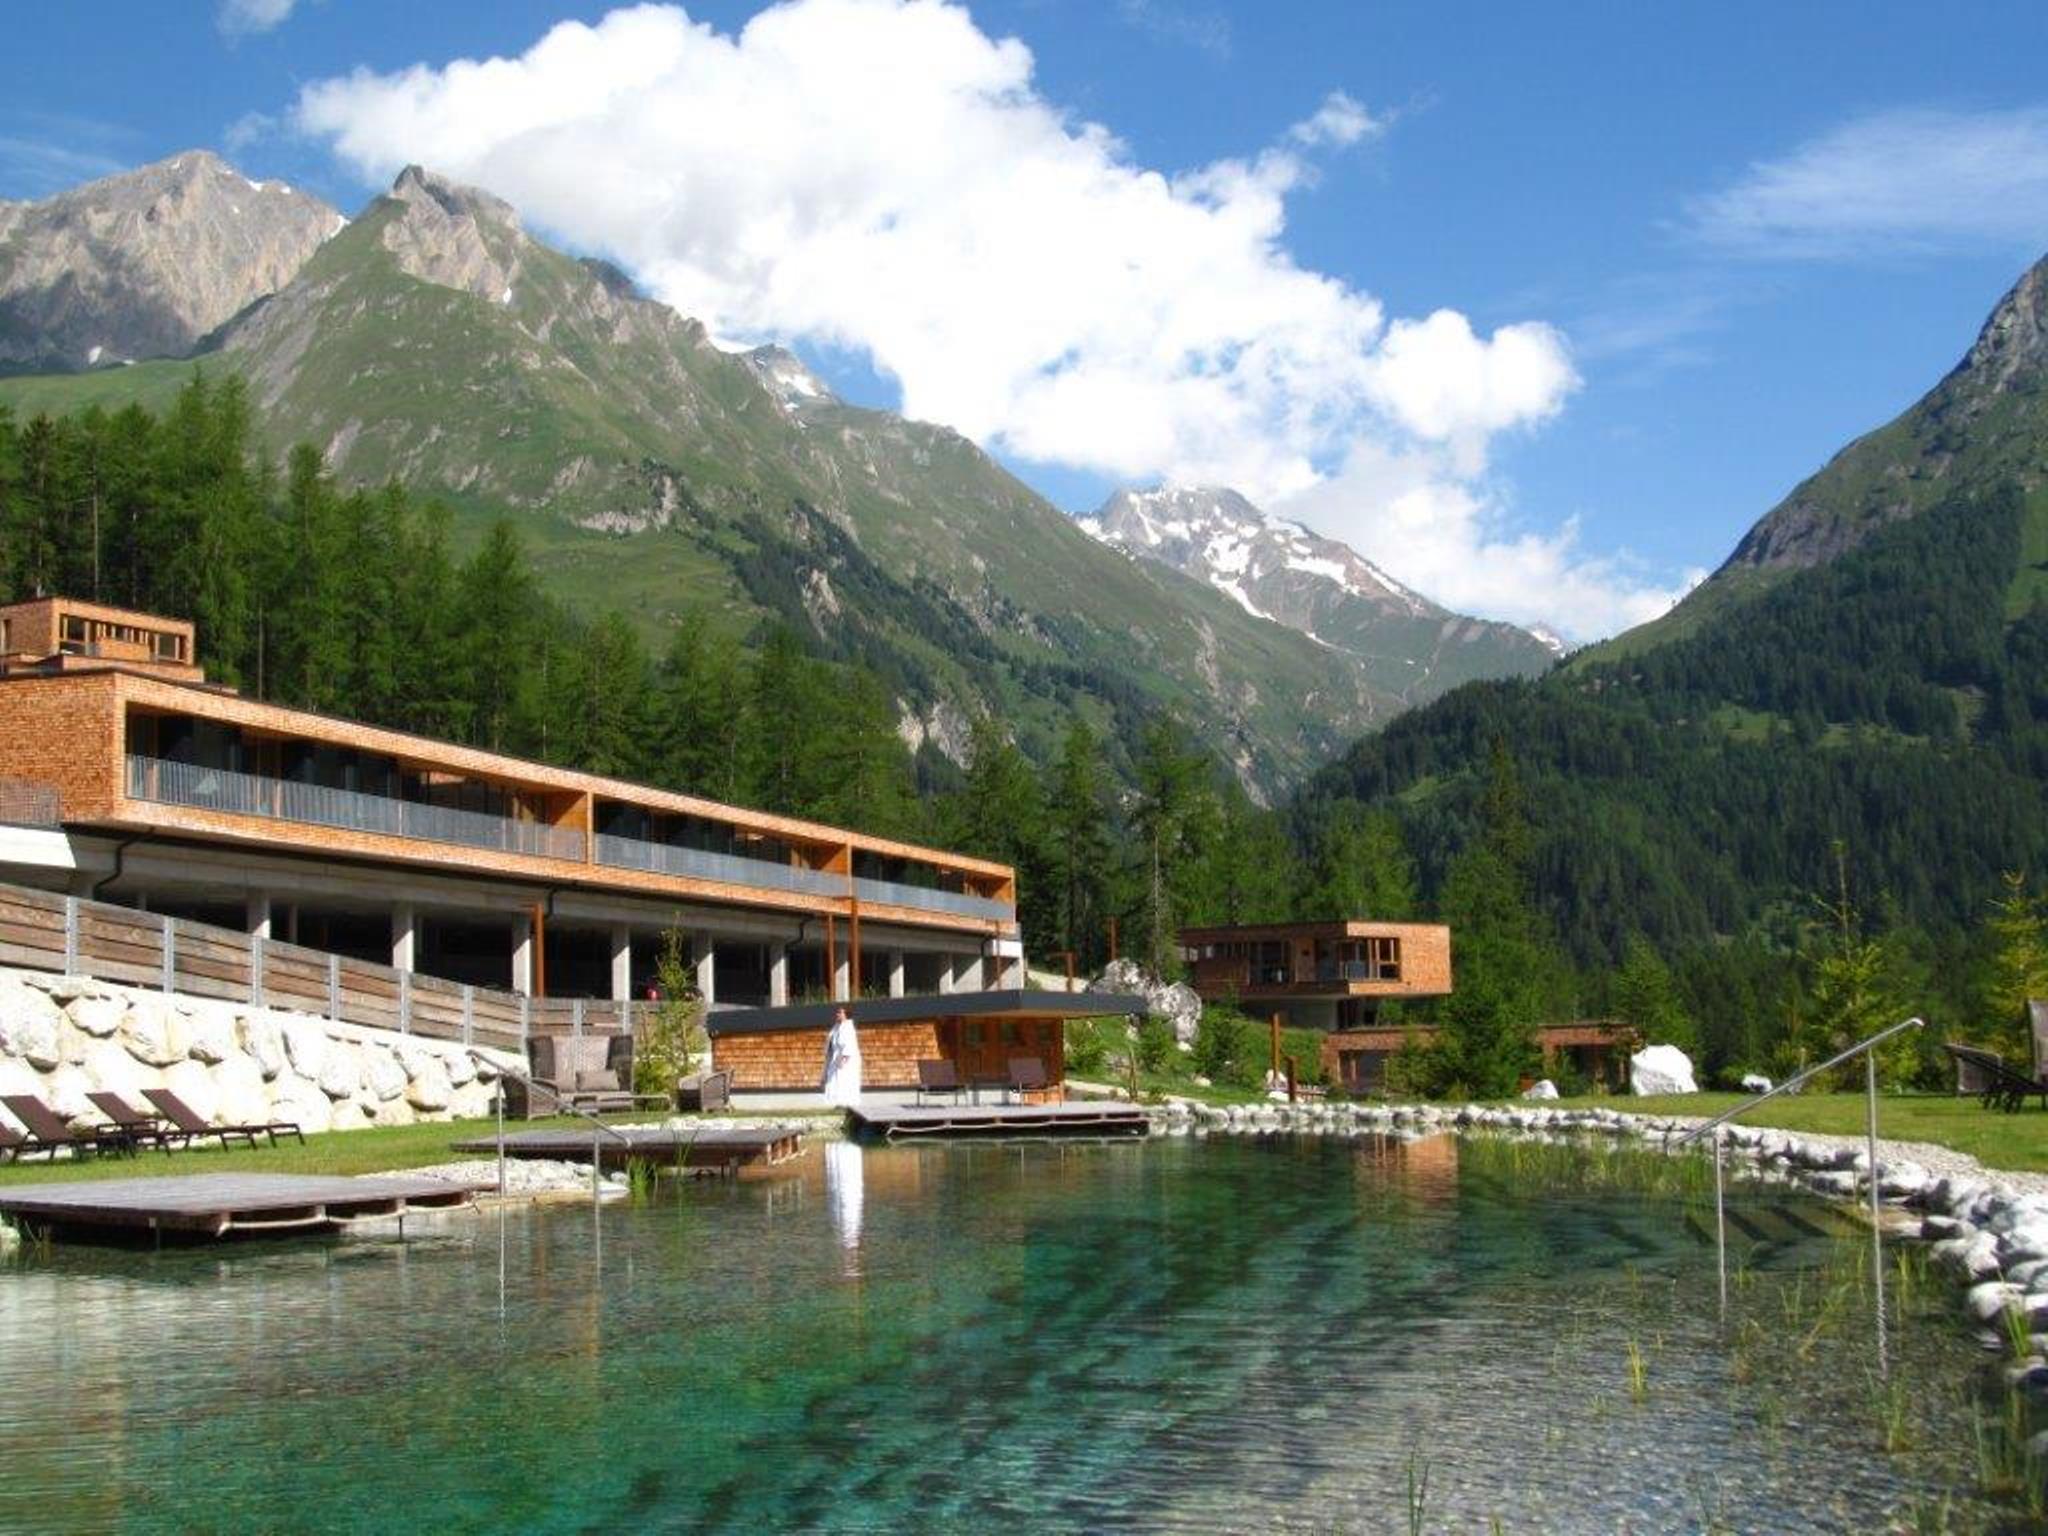 Gradonna Mountain Resort Châlets & Hotel, Lienz